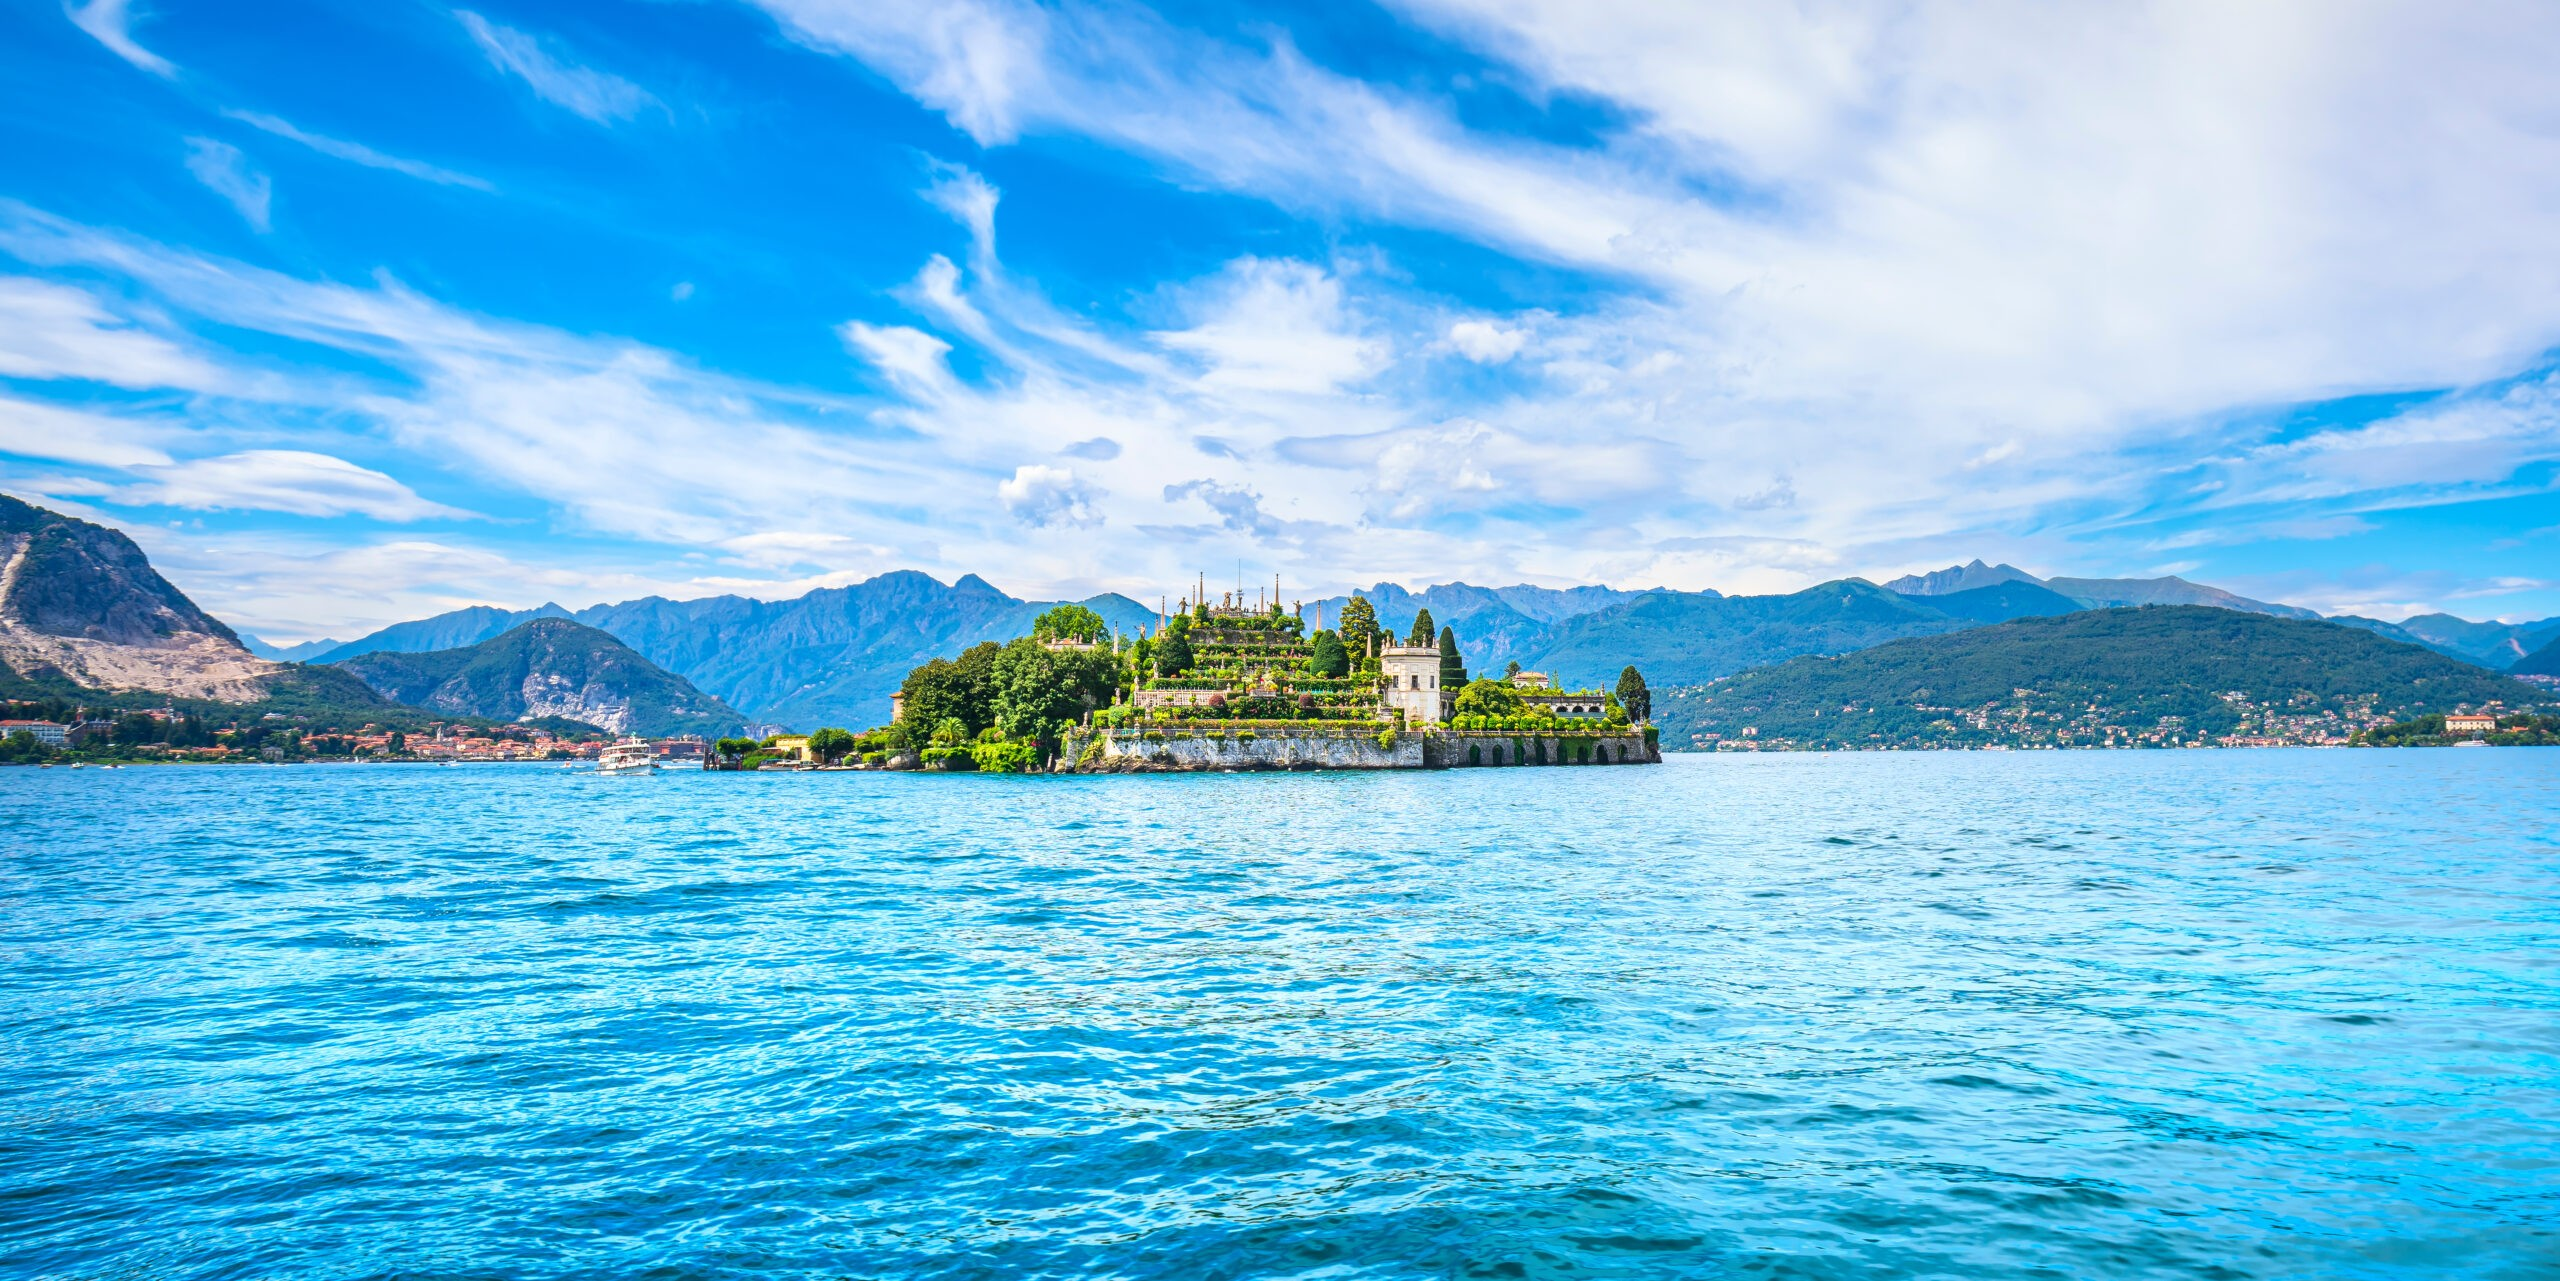 Wyspa Isola Bella na jeziorze Maggiore, Wyspy Borromeańskie, Stresa Piemont Włochy, Europa.